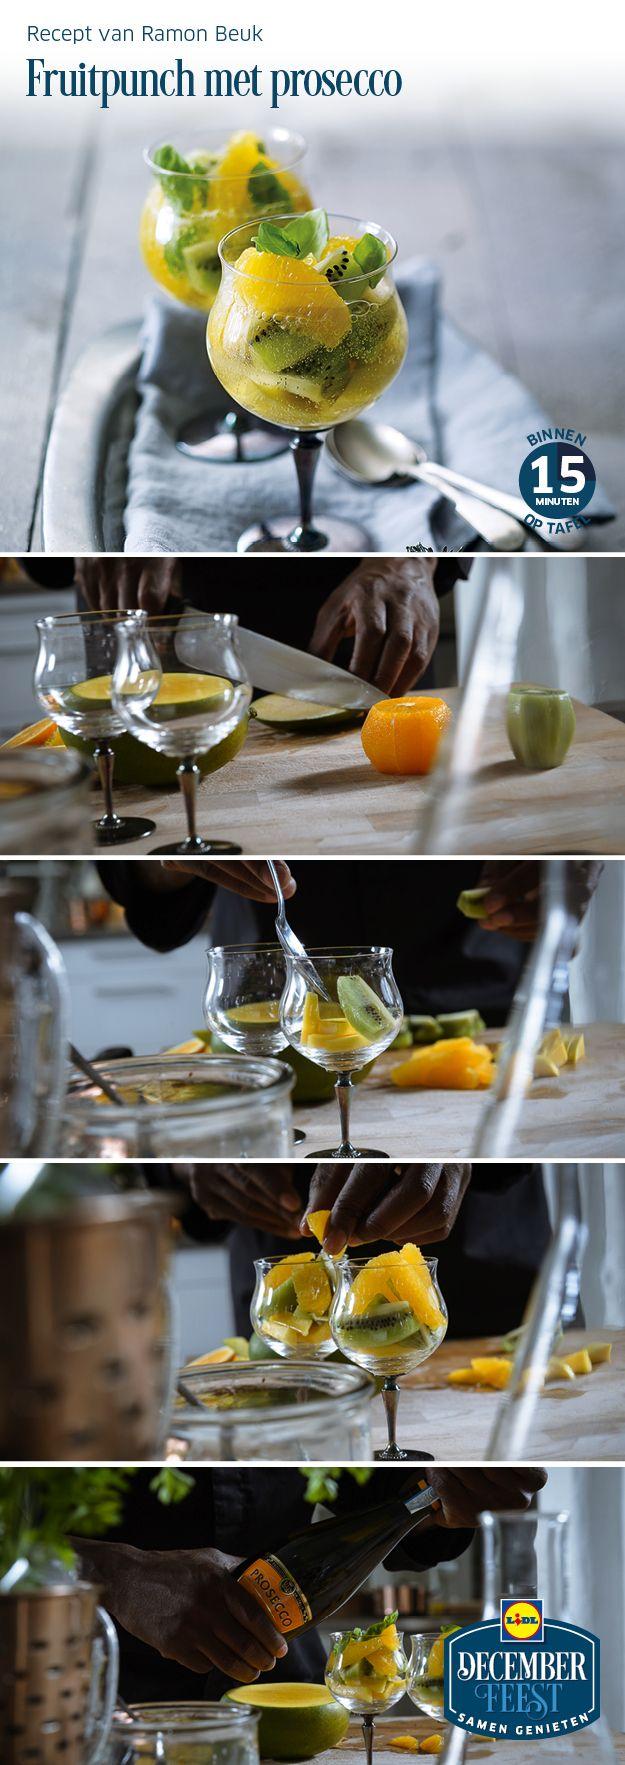 Deze fruitpunch met prosecco is gemakkelijk zelf te bereiden! Meer December Feest recepten ontdekken? Kijk op www.lidl.nl #Lidl #Decemberfeest